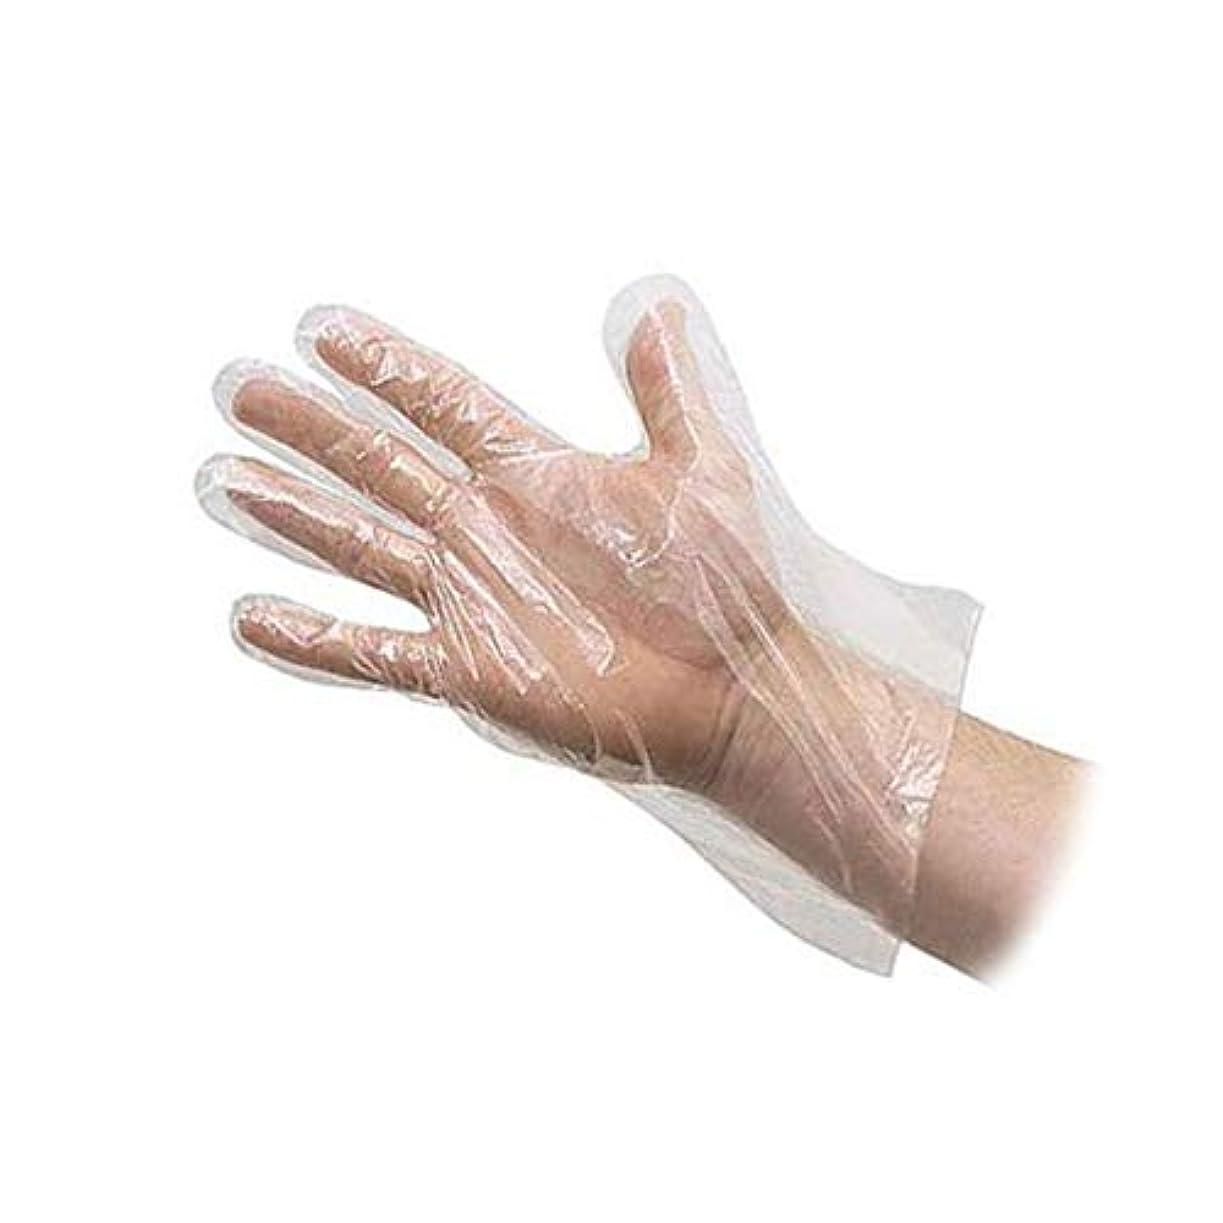 悔い改め生じるラベル(デマ―クト)De?markt ポリエチレン 手袋 使い捨て手袋 カタエンボス 調理用 食品 プラスチック ホワイト 粉なし 食品衛生 透明 左右兼用 薄型 ビニール極薄手袋 100枚入